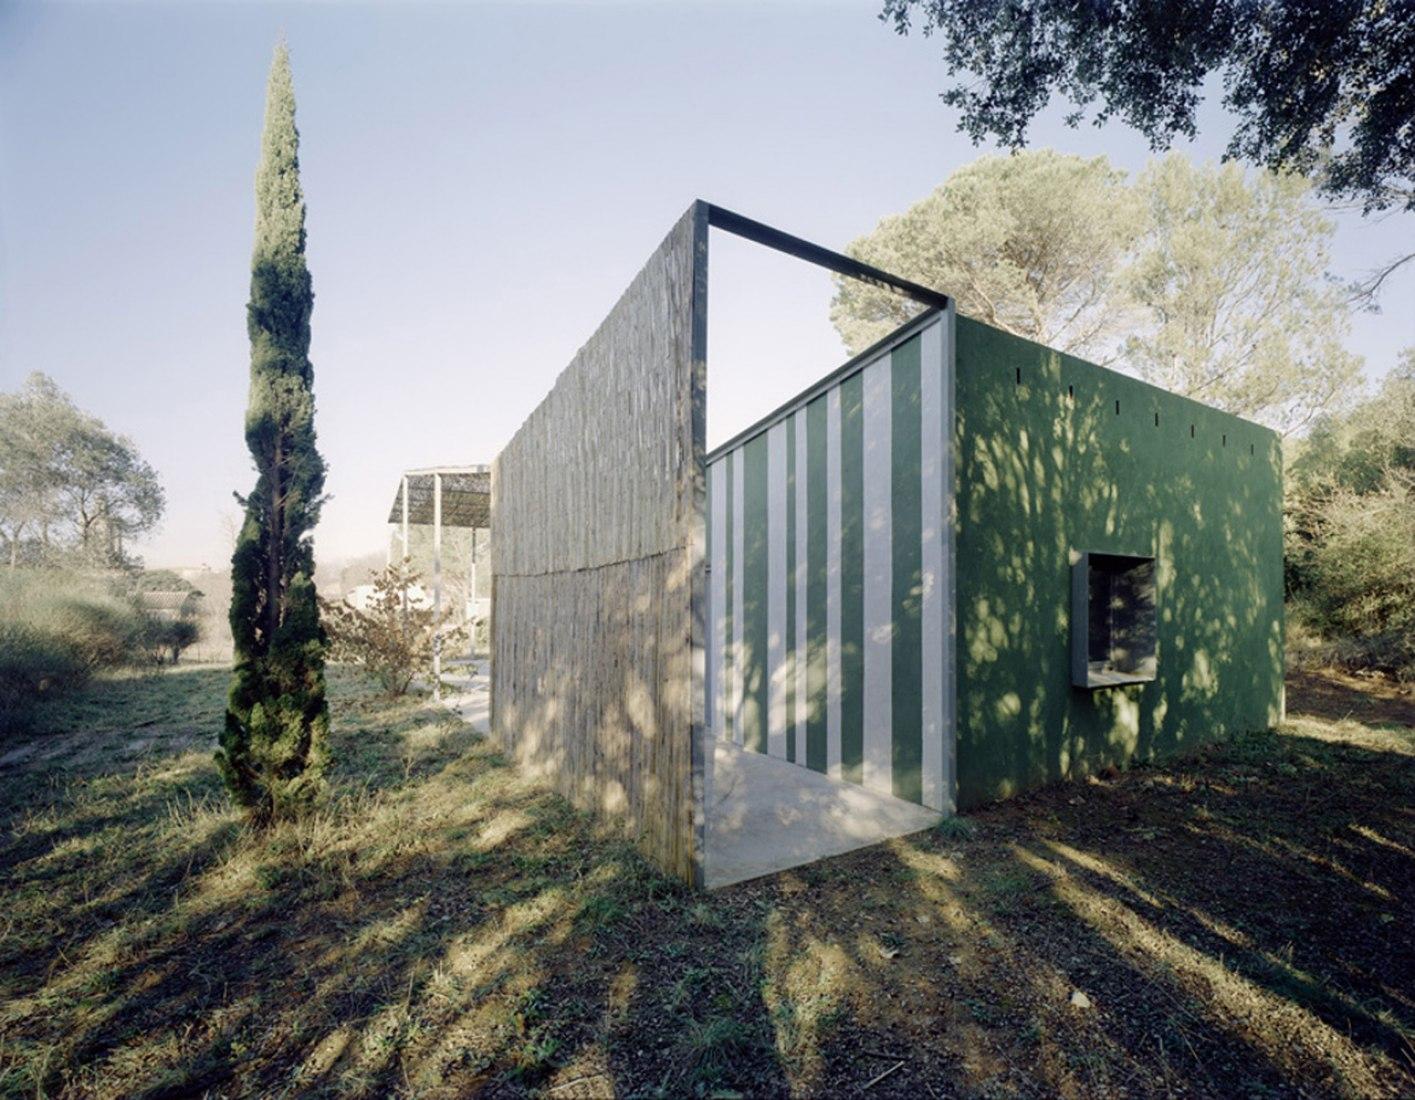 Casa en Gaüses por A&EB. Fotografía © Jordi Bernadó.